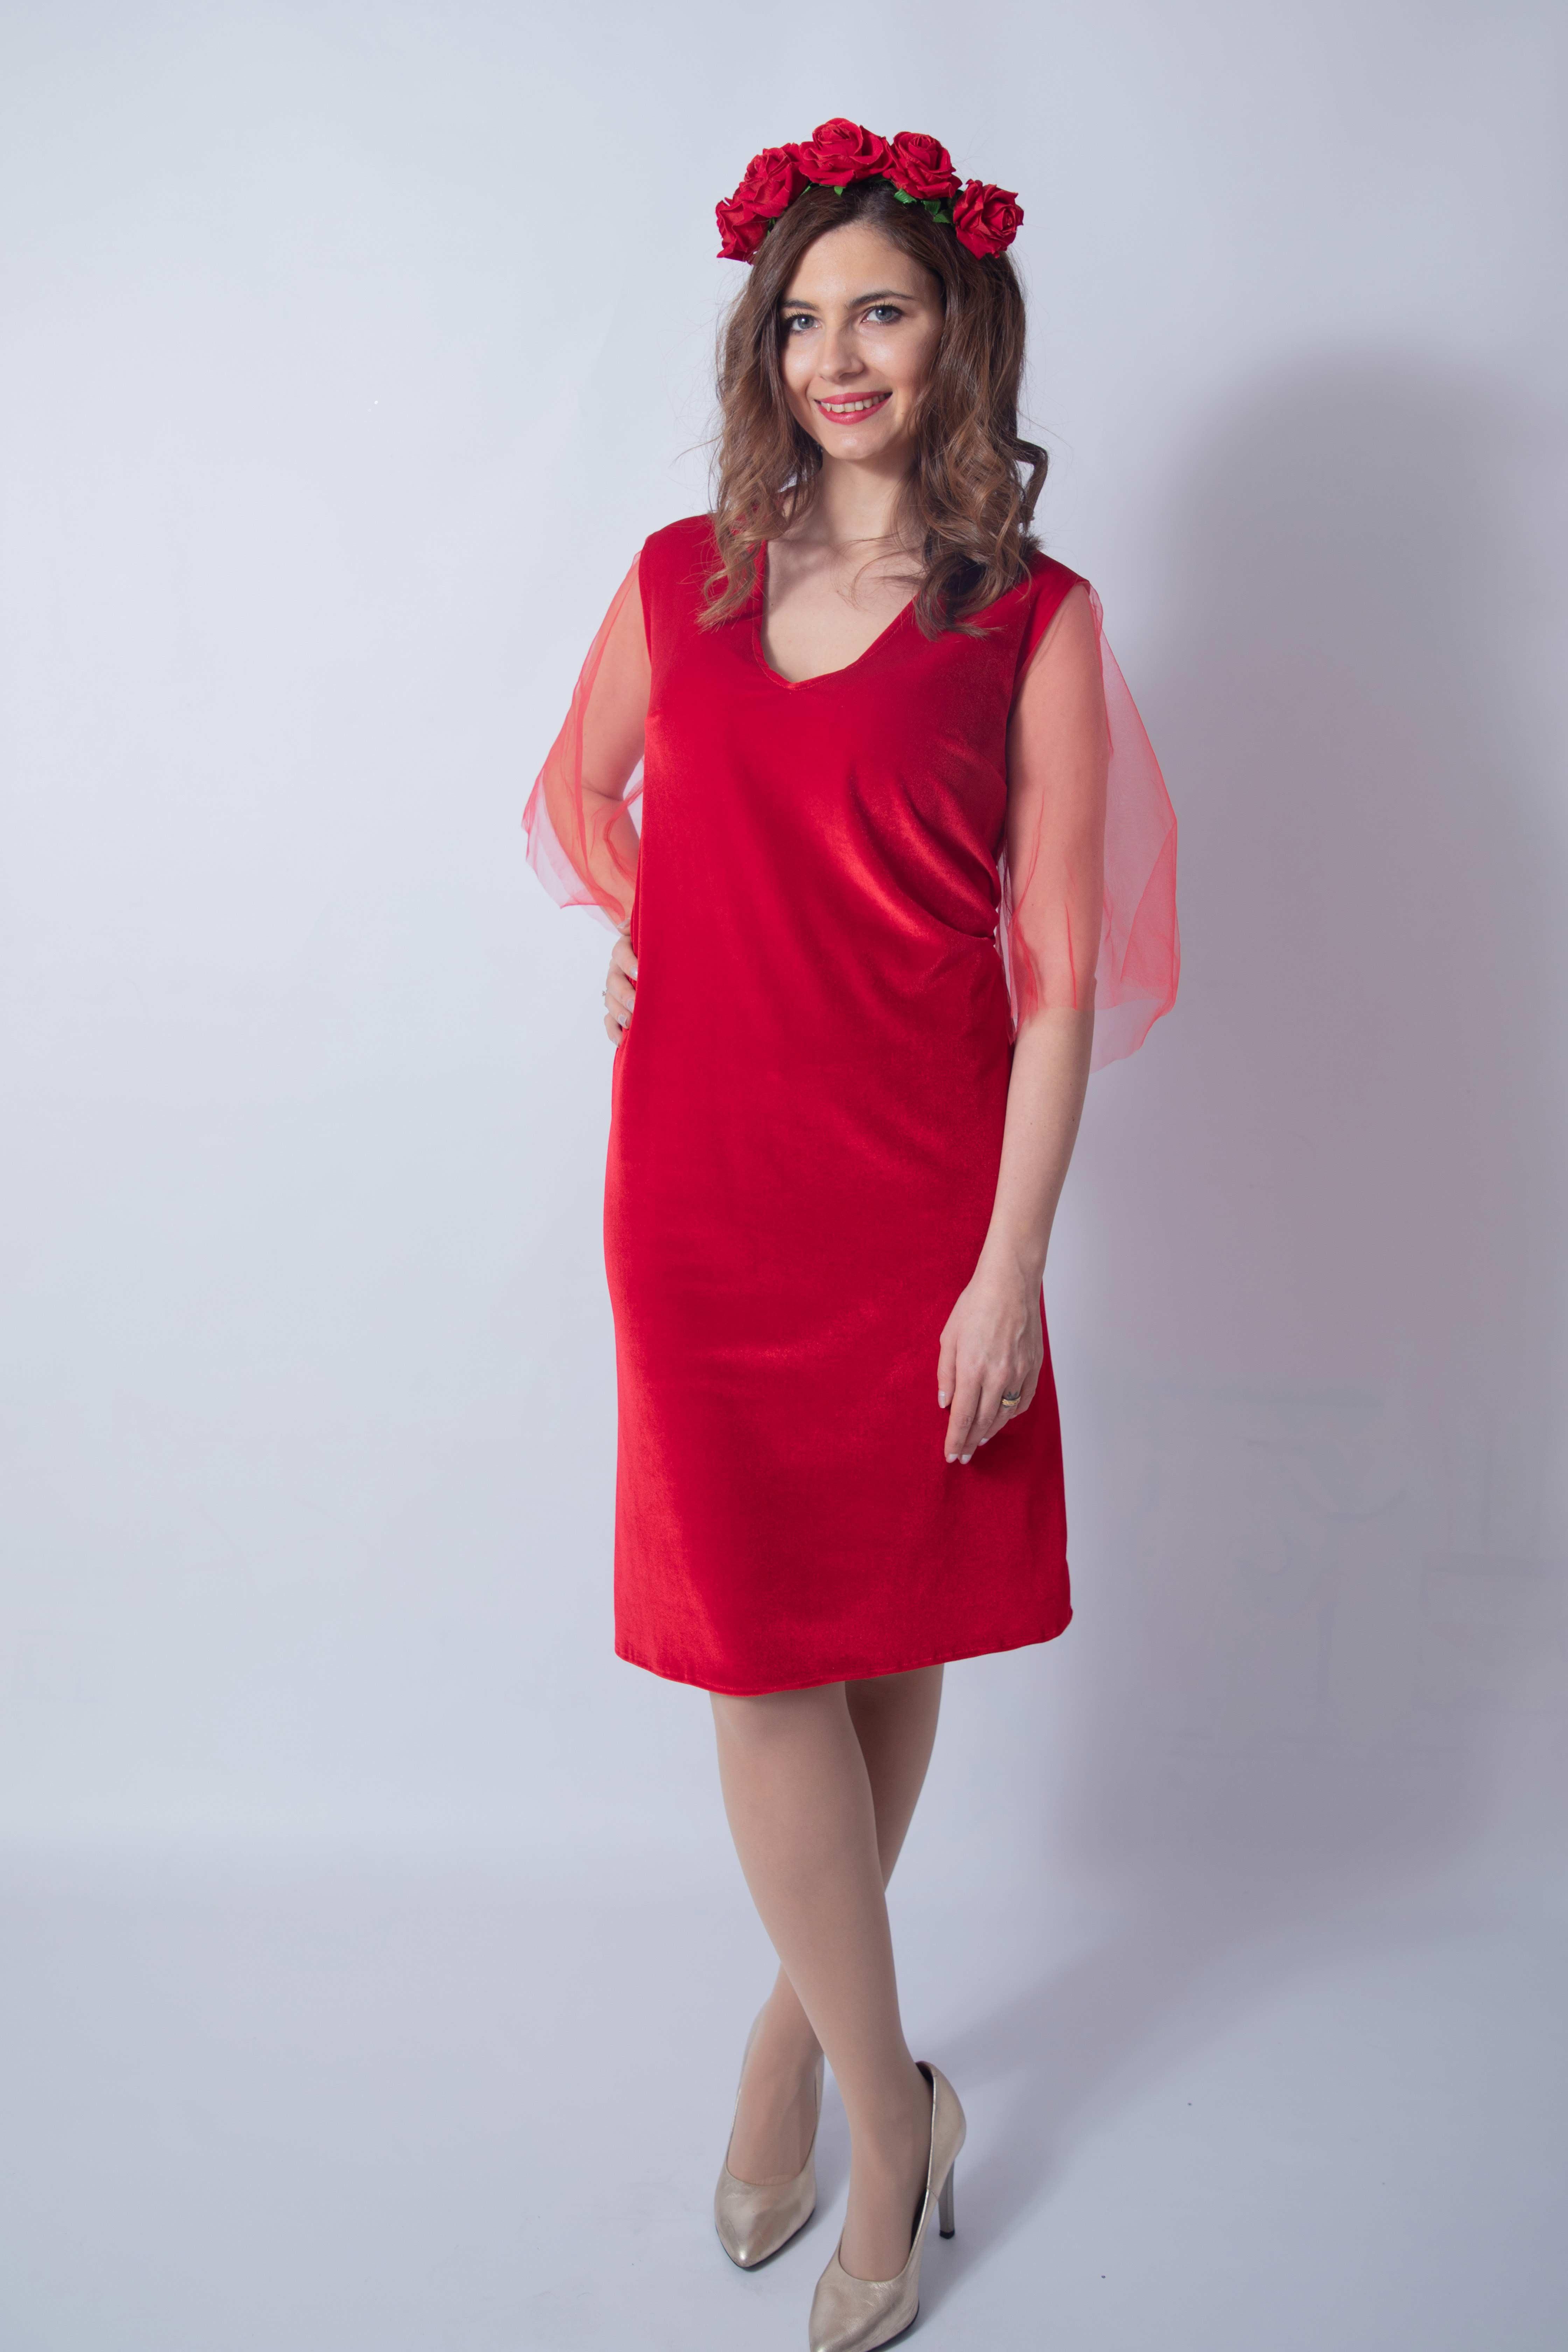 rouge-tulle-rochie-eleganta-gravida-din-catifea-premium-transport-gratuit 5